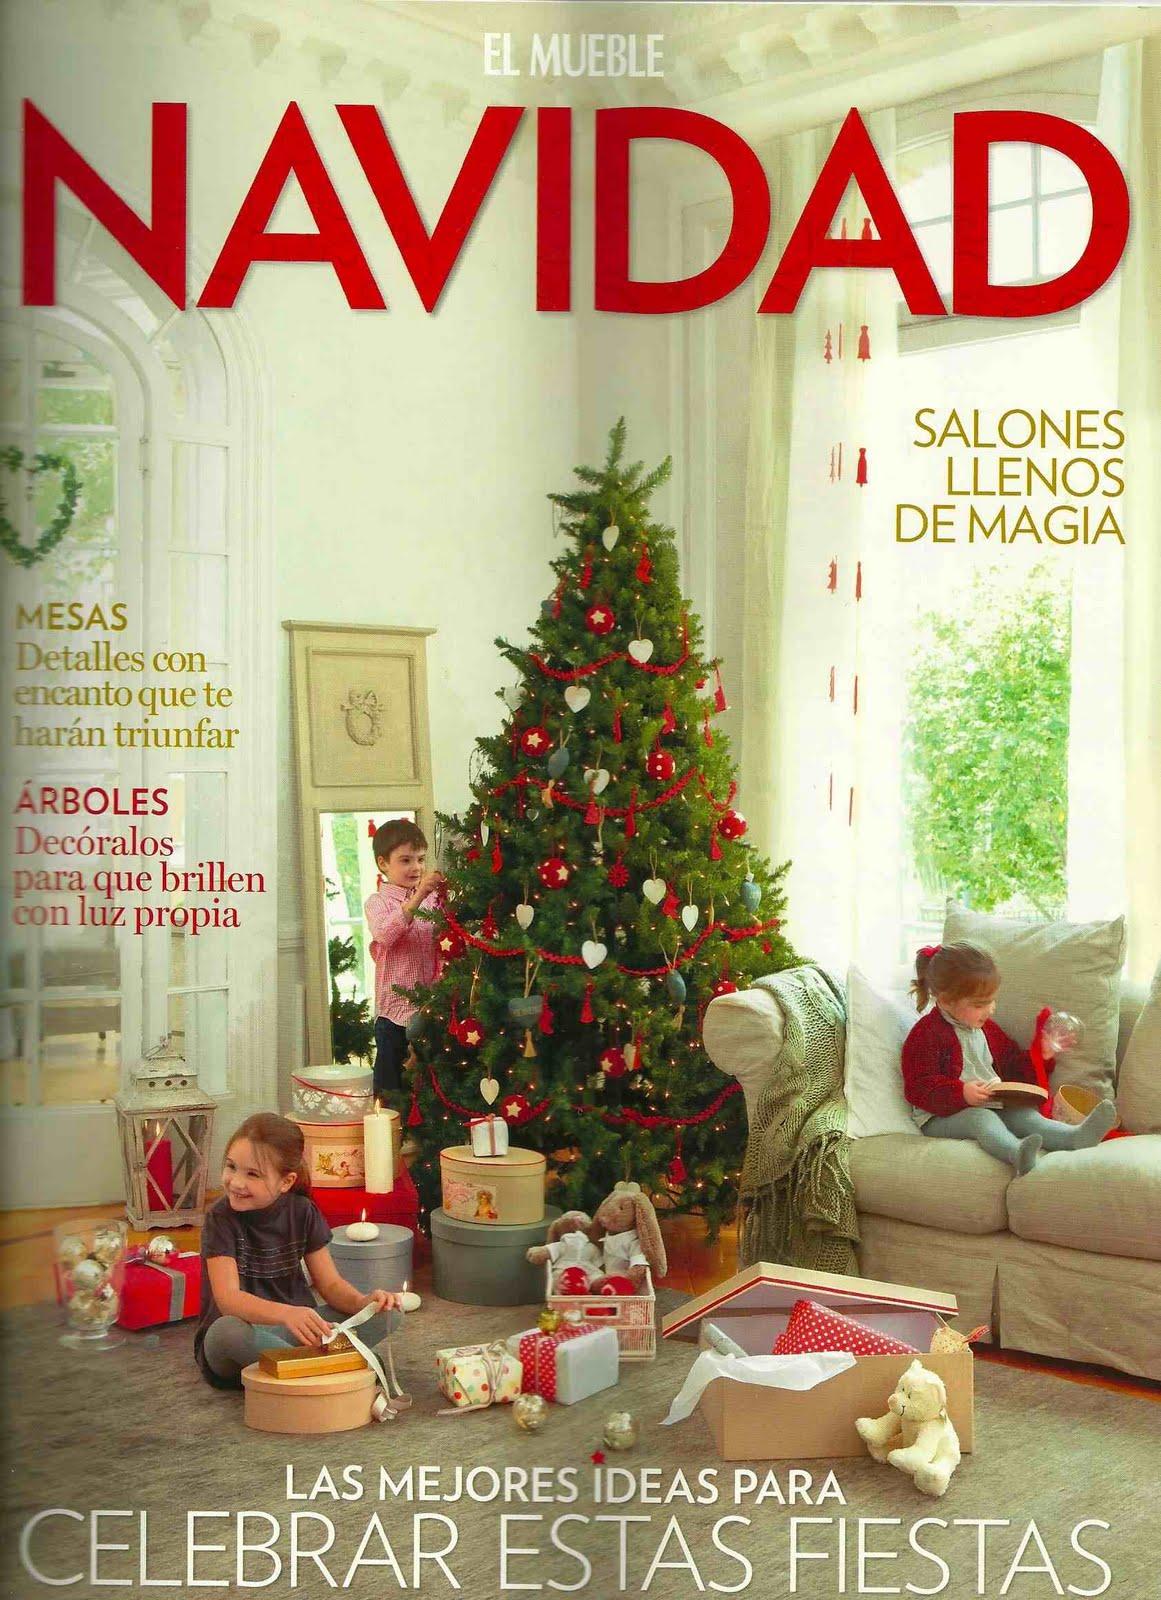 Del especial de navidad la revista decoracion el mueble n for El mueble decoracion